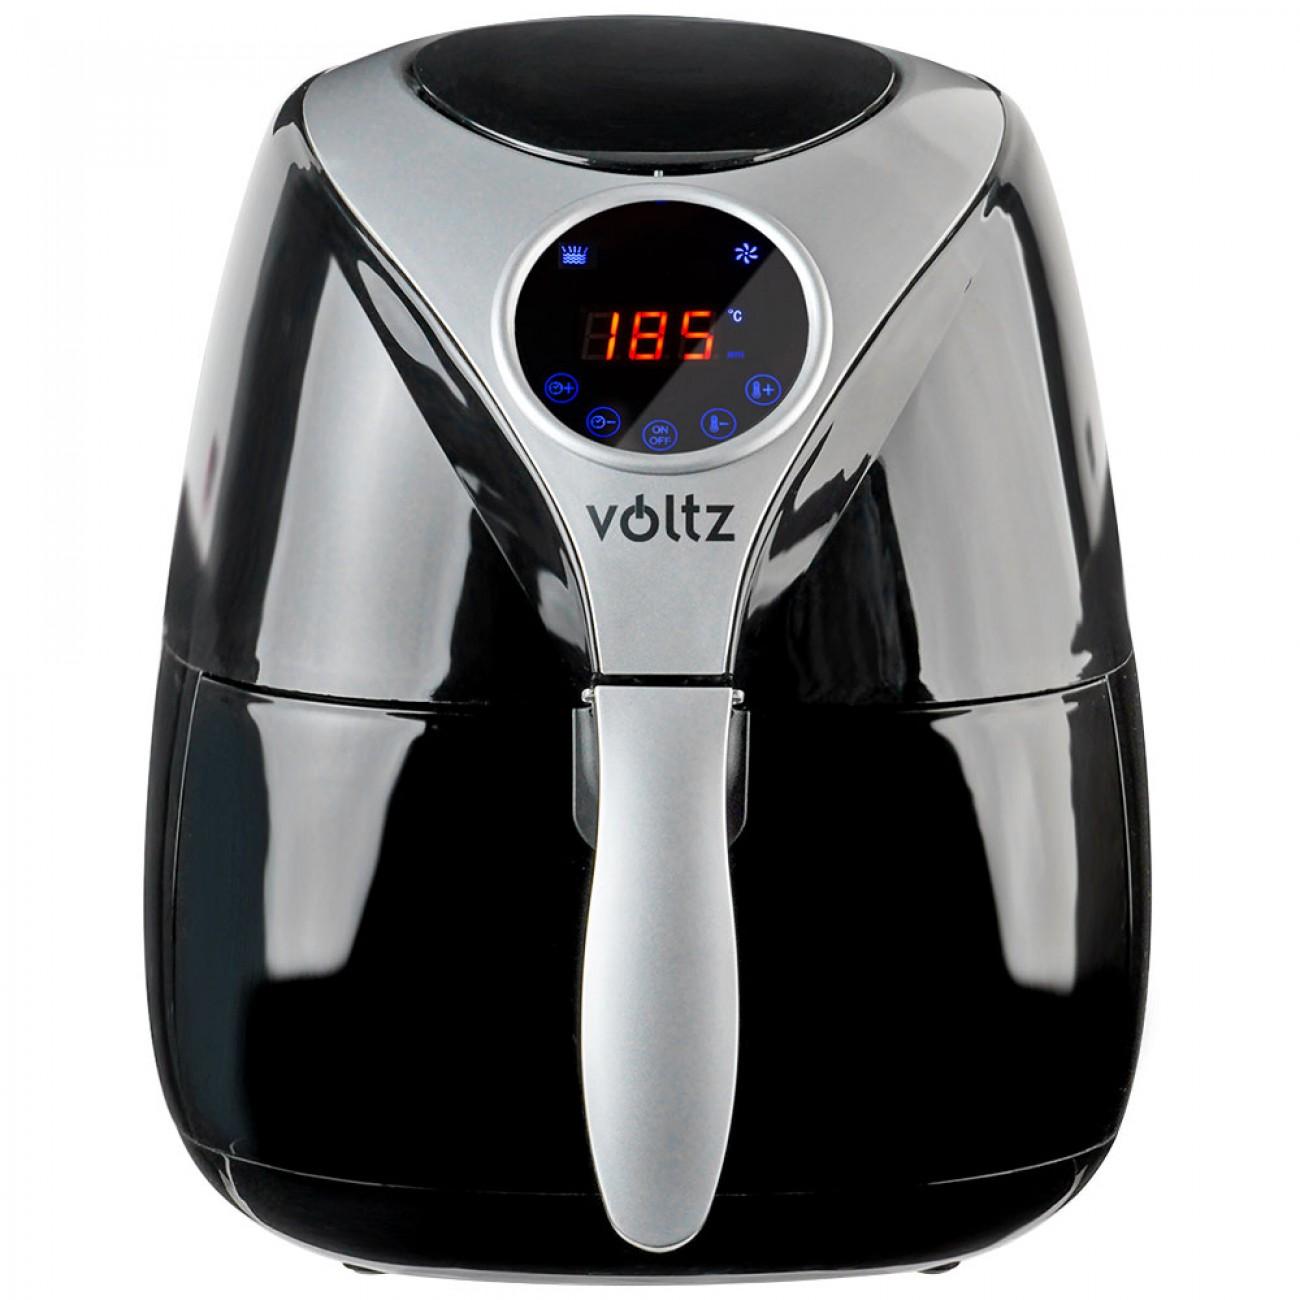 Фритюрник с горещ въздух Air Fryer Voltz V51980D, 1600W, 3.2 литра, Тъч дисплей, Таймер, Черен